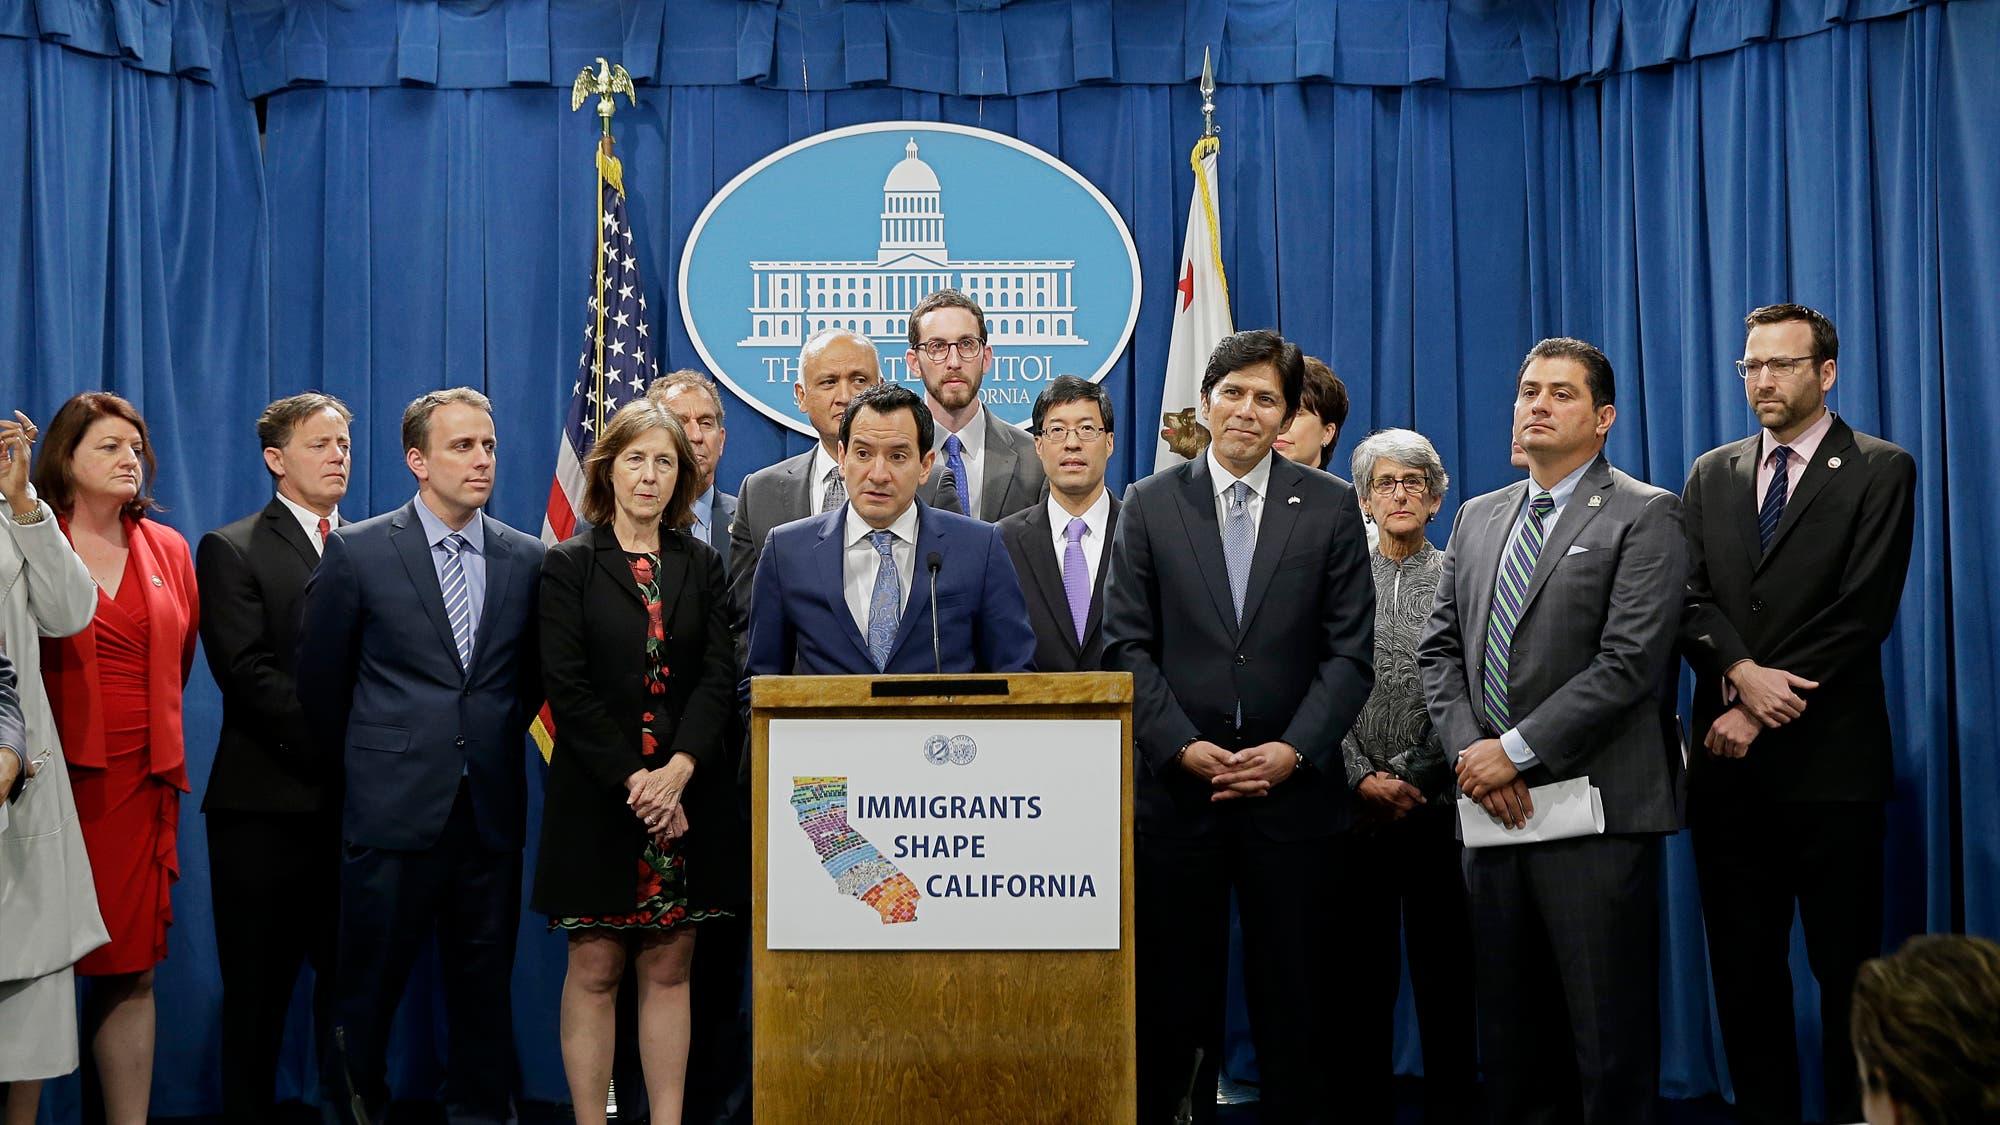 California se enfrenta a las promesas de campaña de Donald Trump sobre inmigración | La Nacion